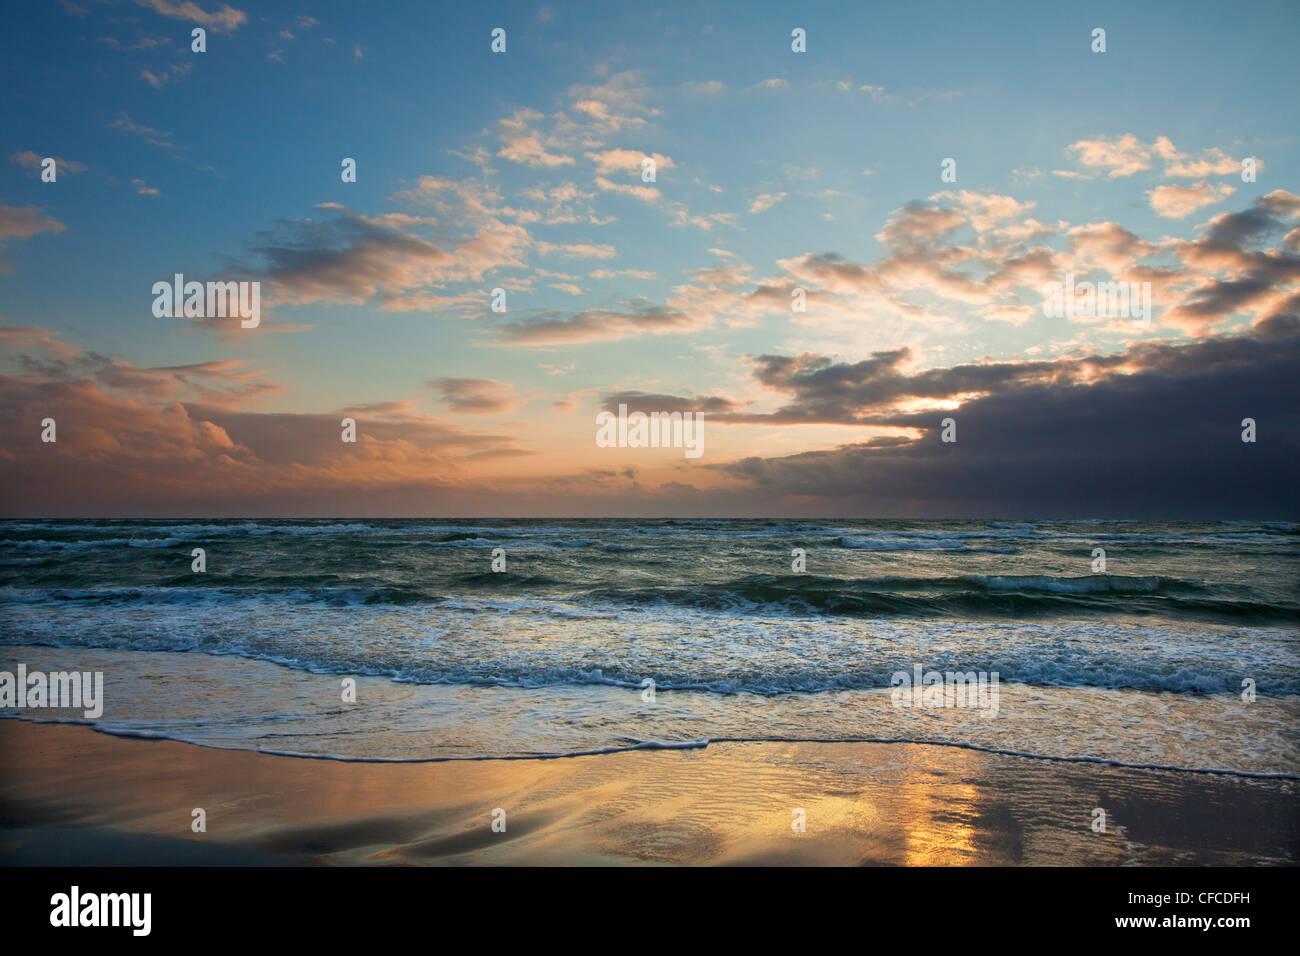 Darß West Strand in der Abenddämmerung, Fischland-Darß-Zingst, Ostsee, Mecklenburg-West Pomerania, Deutschland Stockfoto